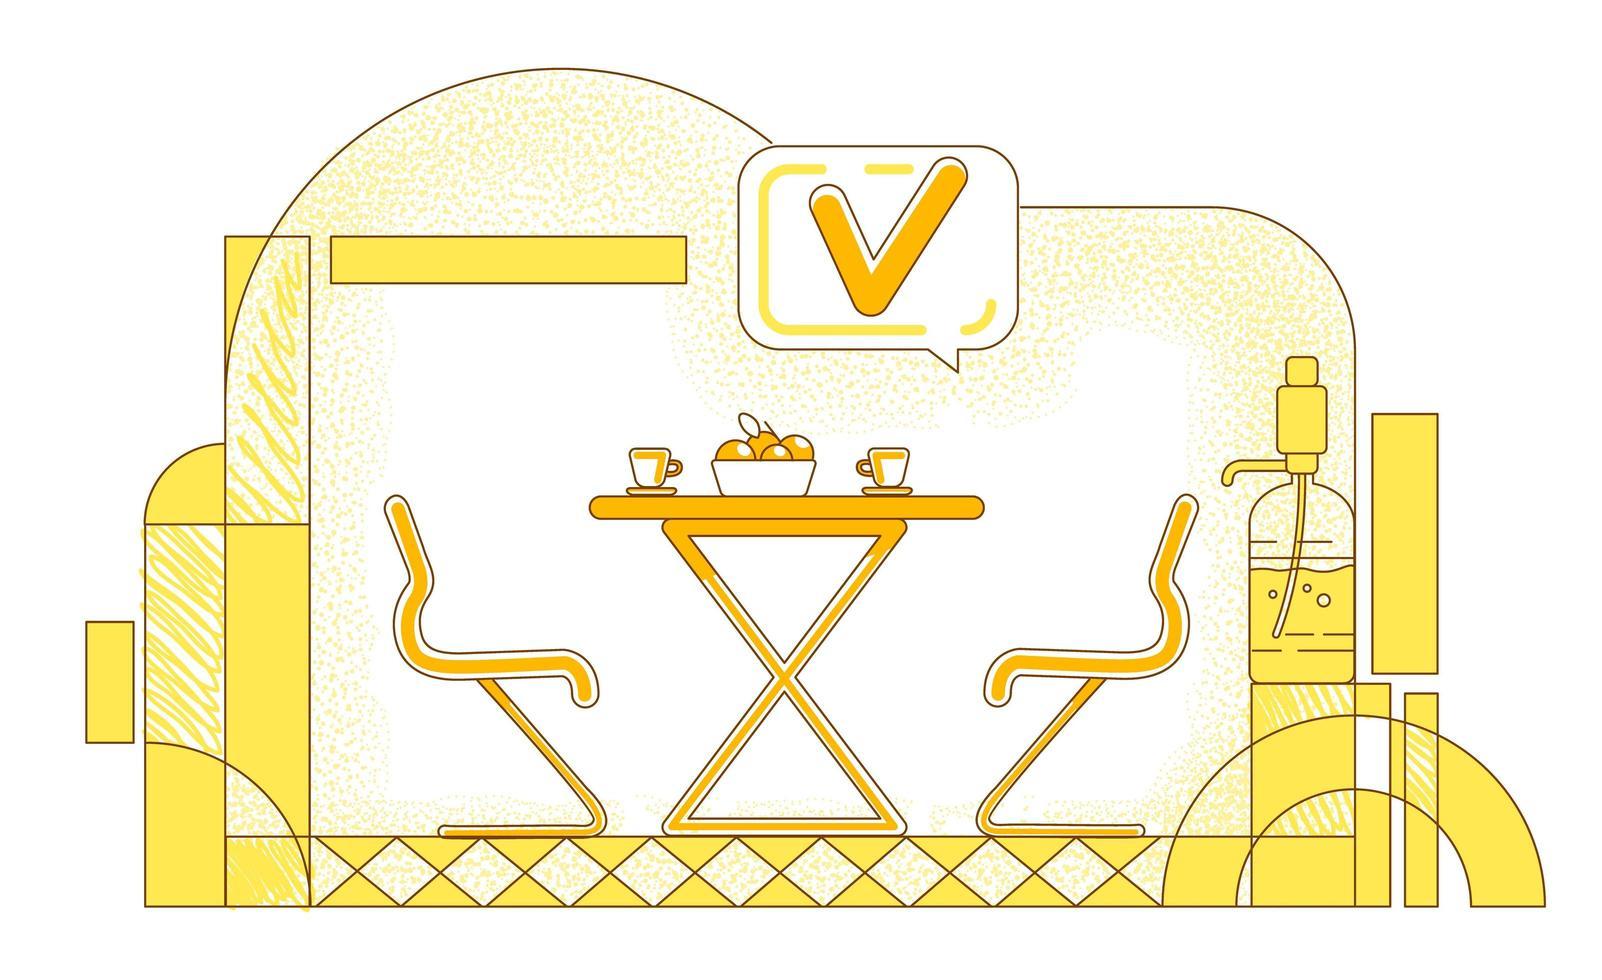 conception de ligne de cafétéria d'entreprise vecteur